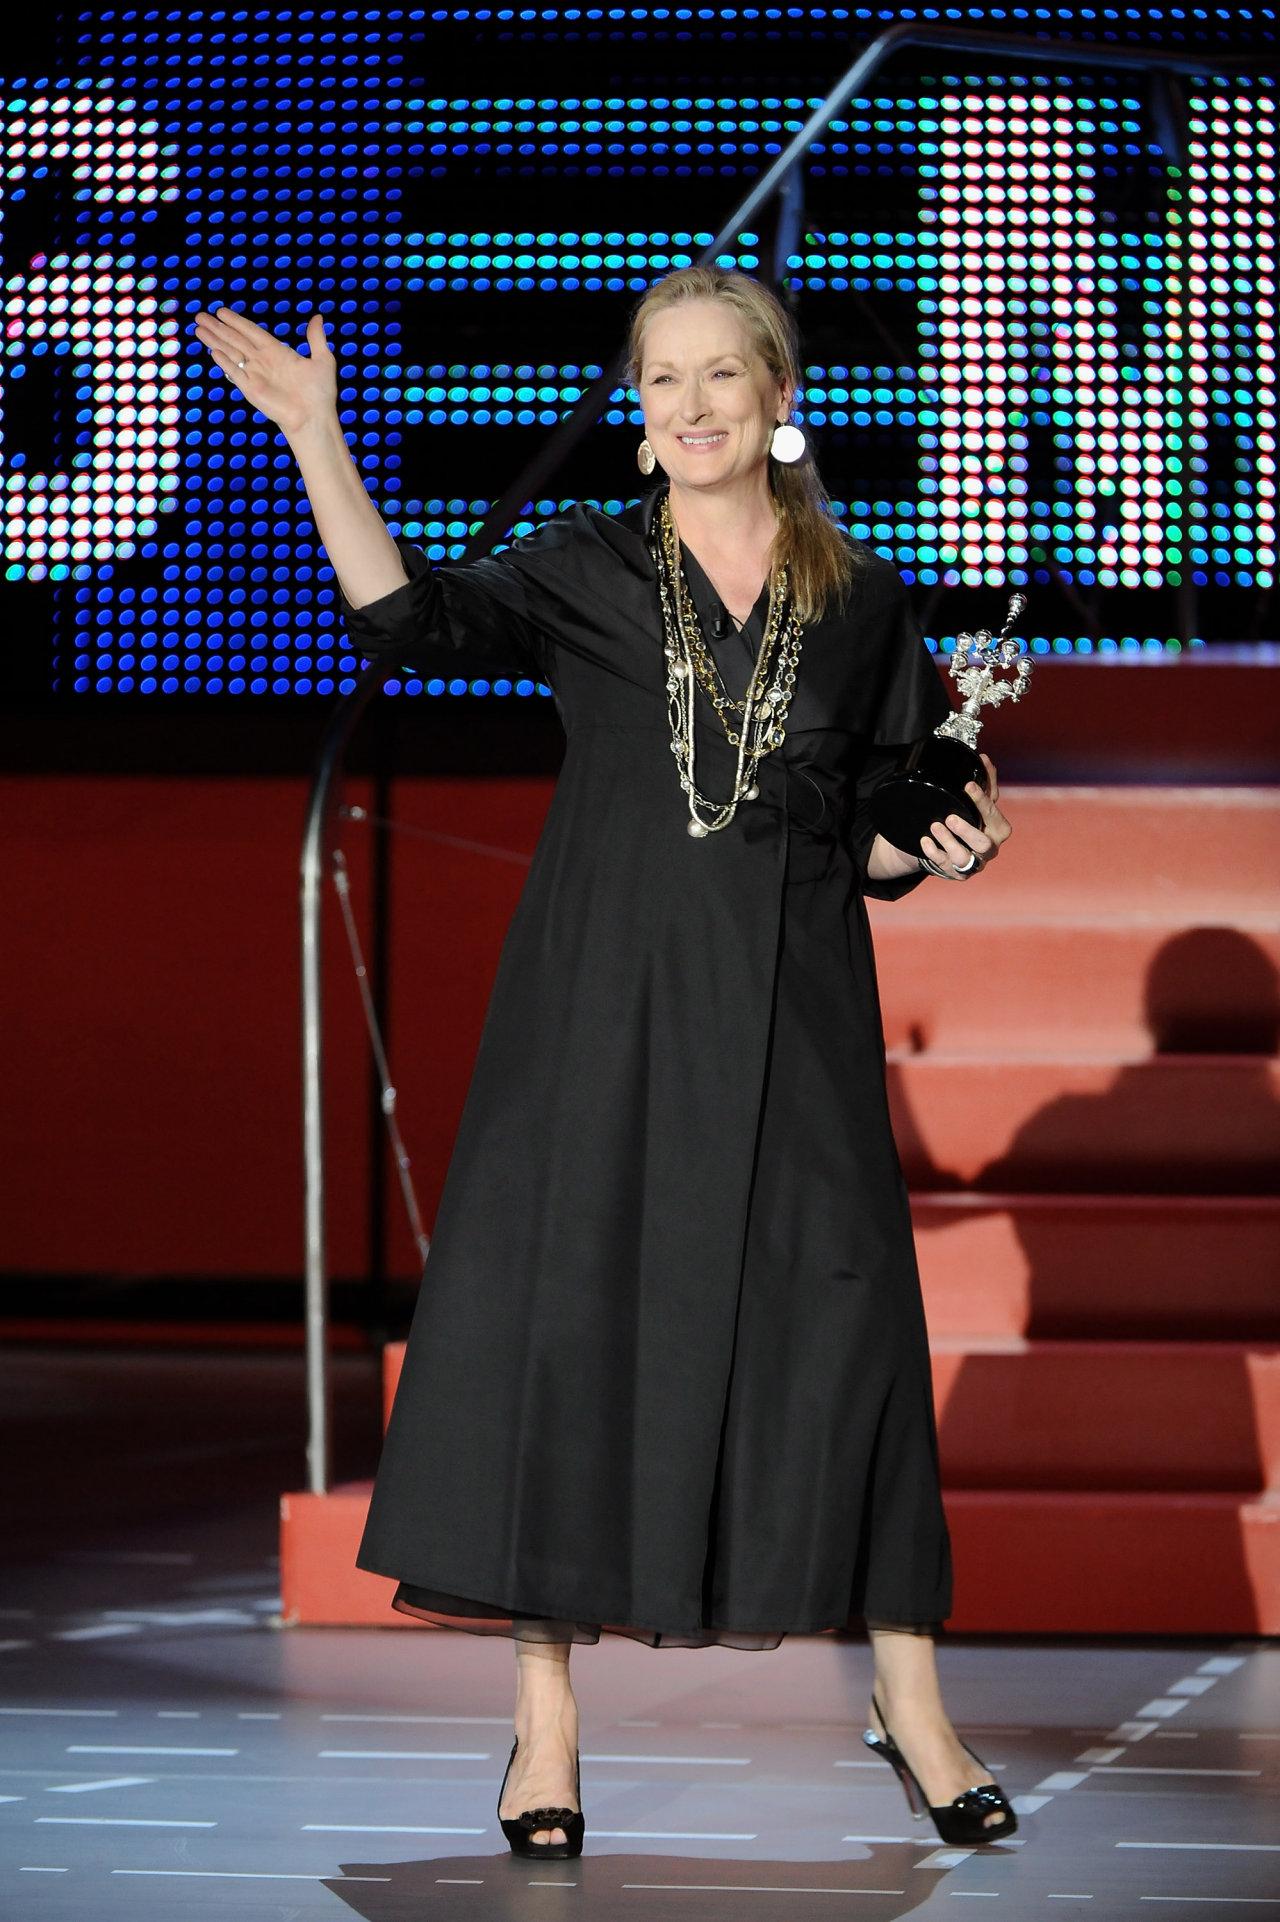 Meryl Streep leaked wallpapers